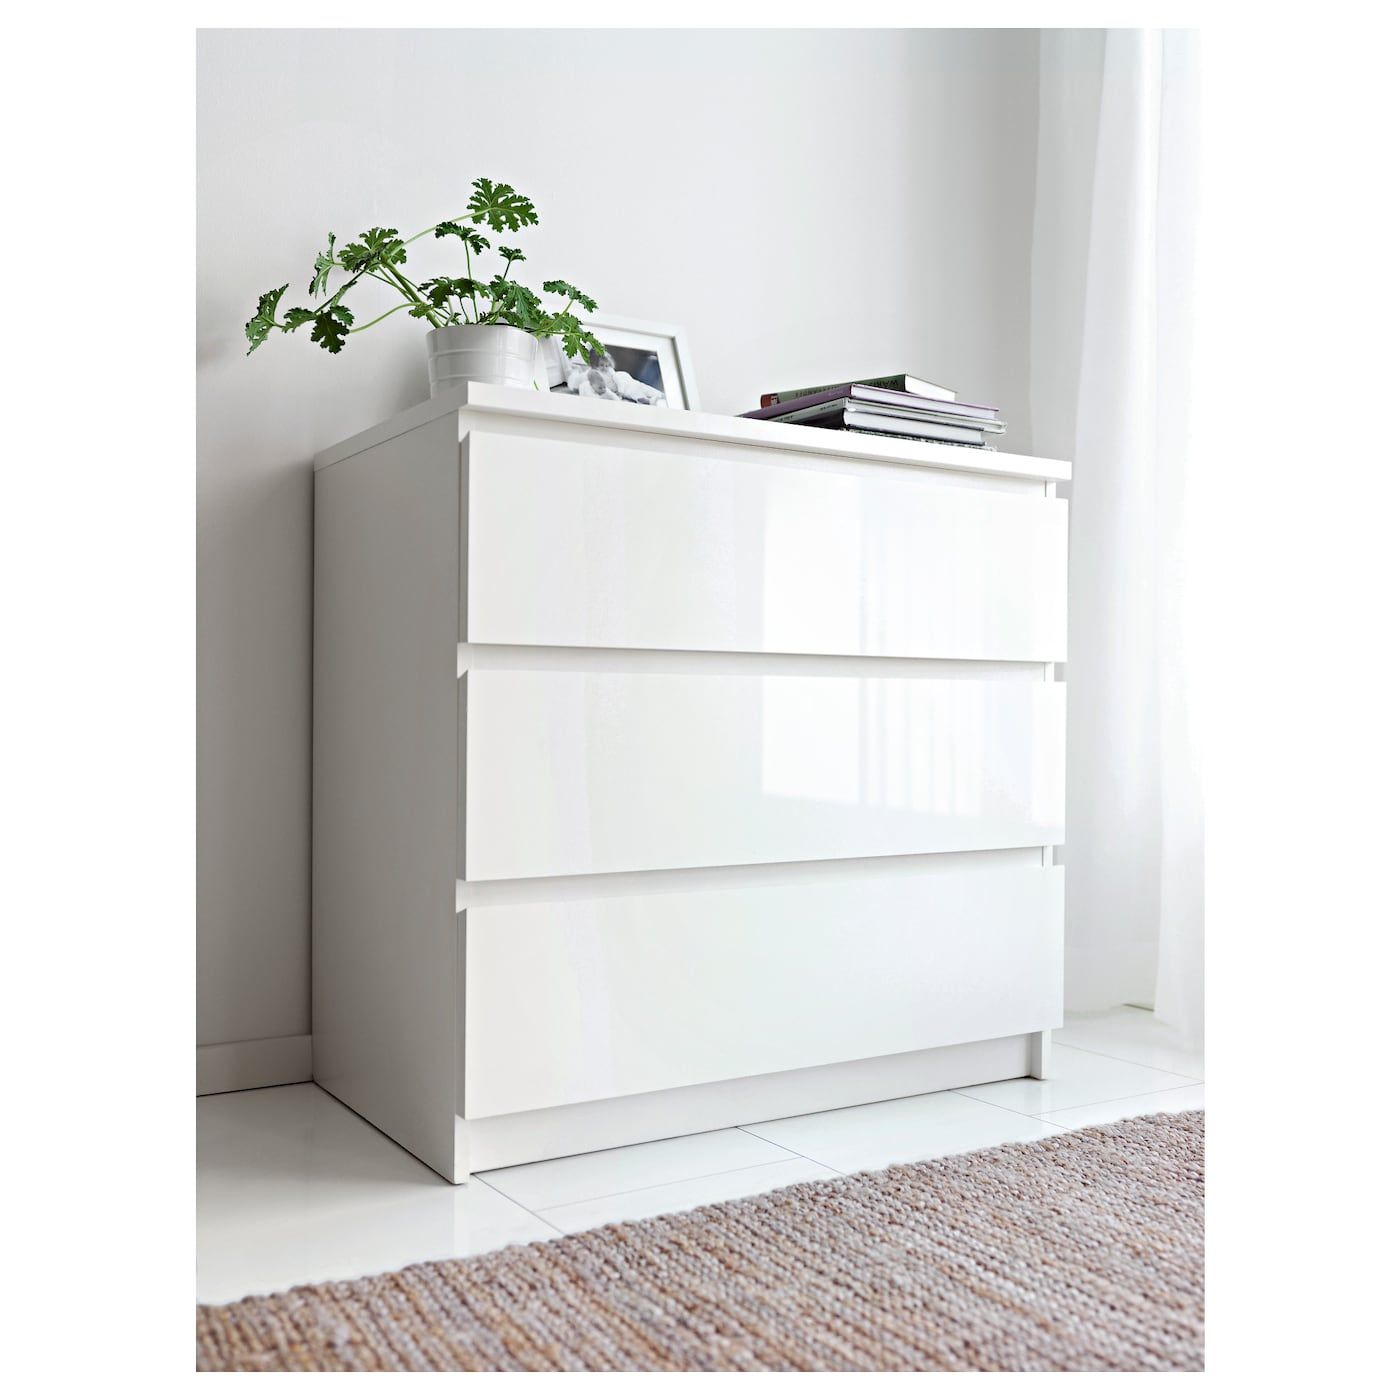 Ikea Malm Kommode Mit 3 Schubladen Malm Kommode Kommode Weiss